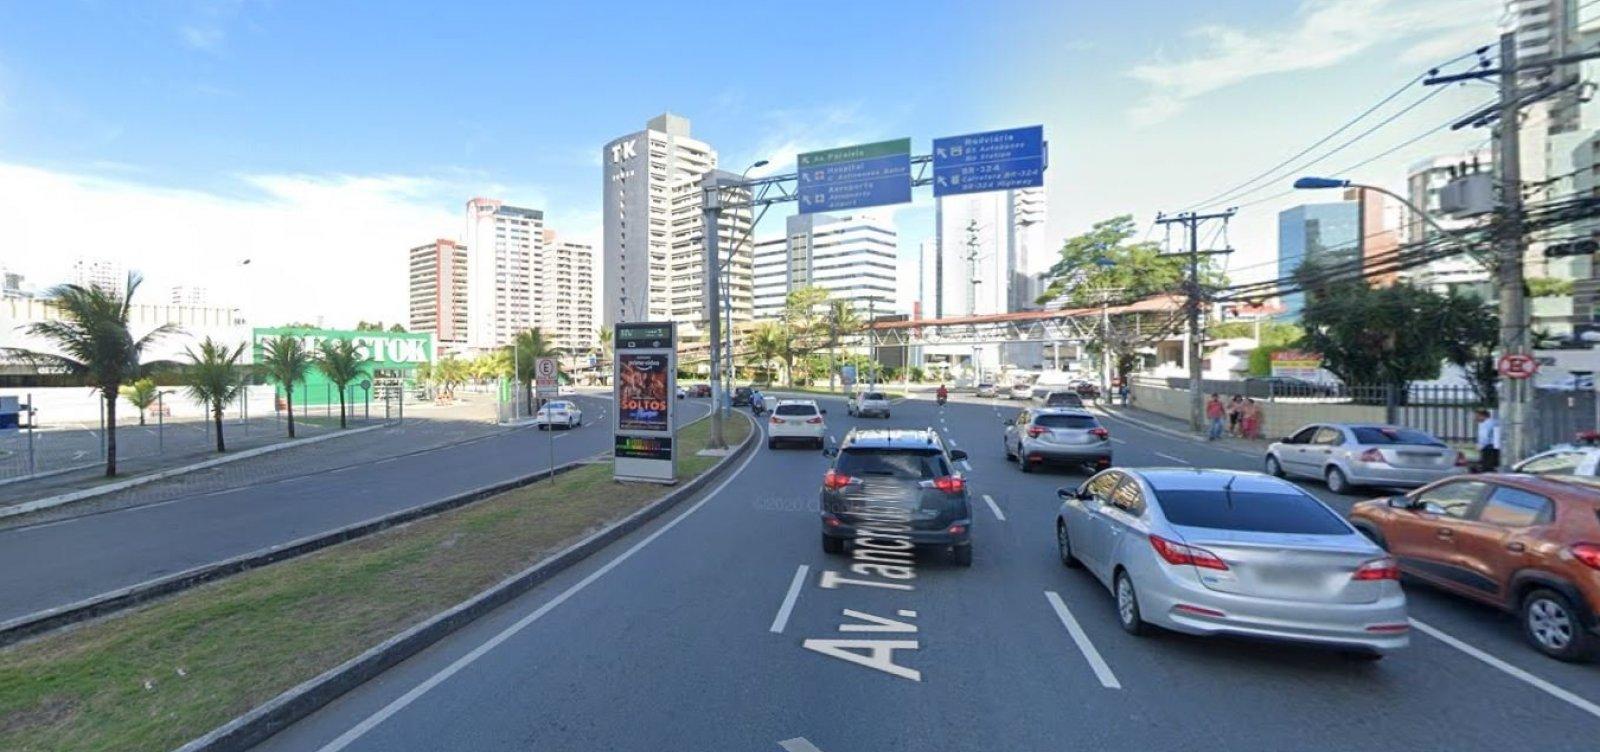 Obras afetam trânsito na Tancredo Neves durante final de semana; veja mudanças